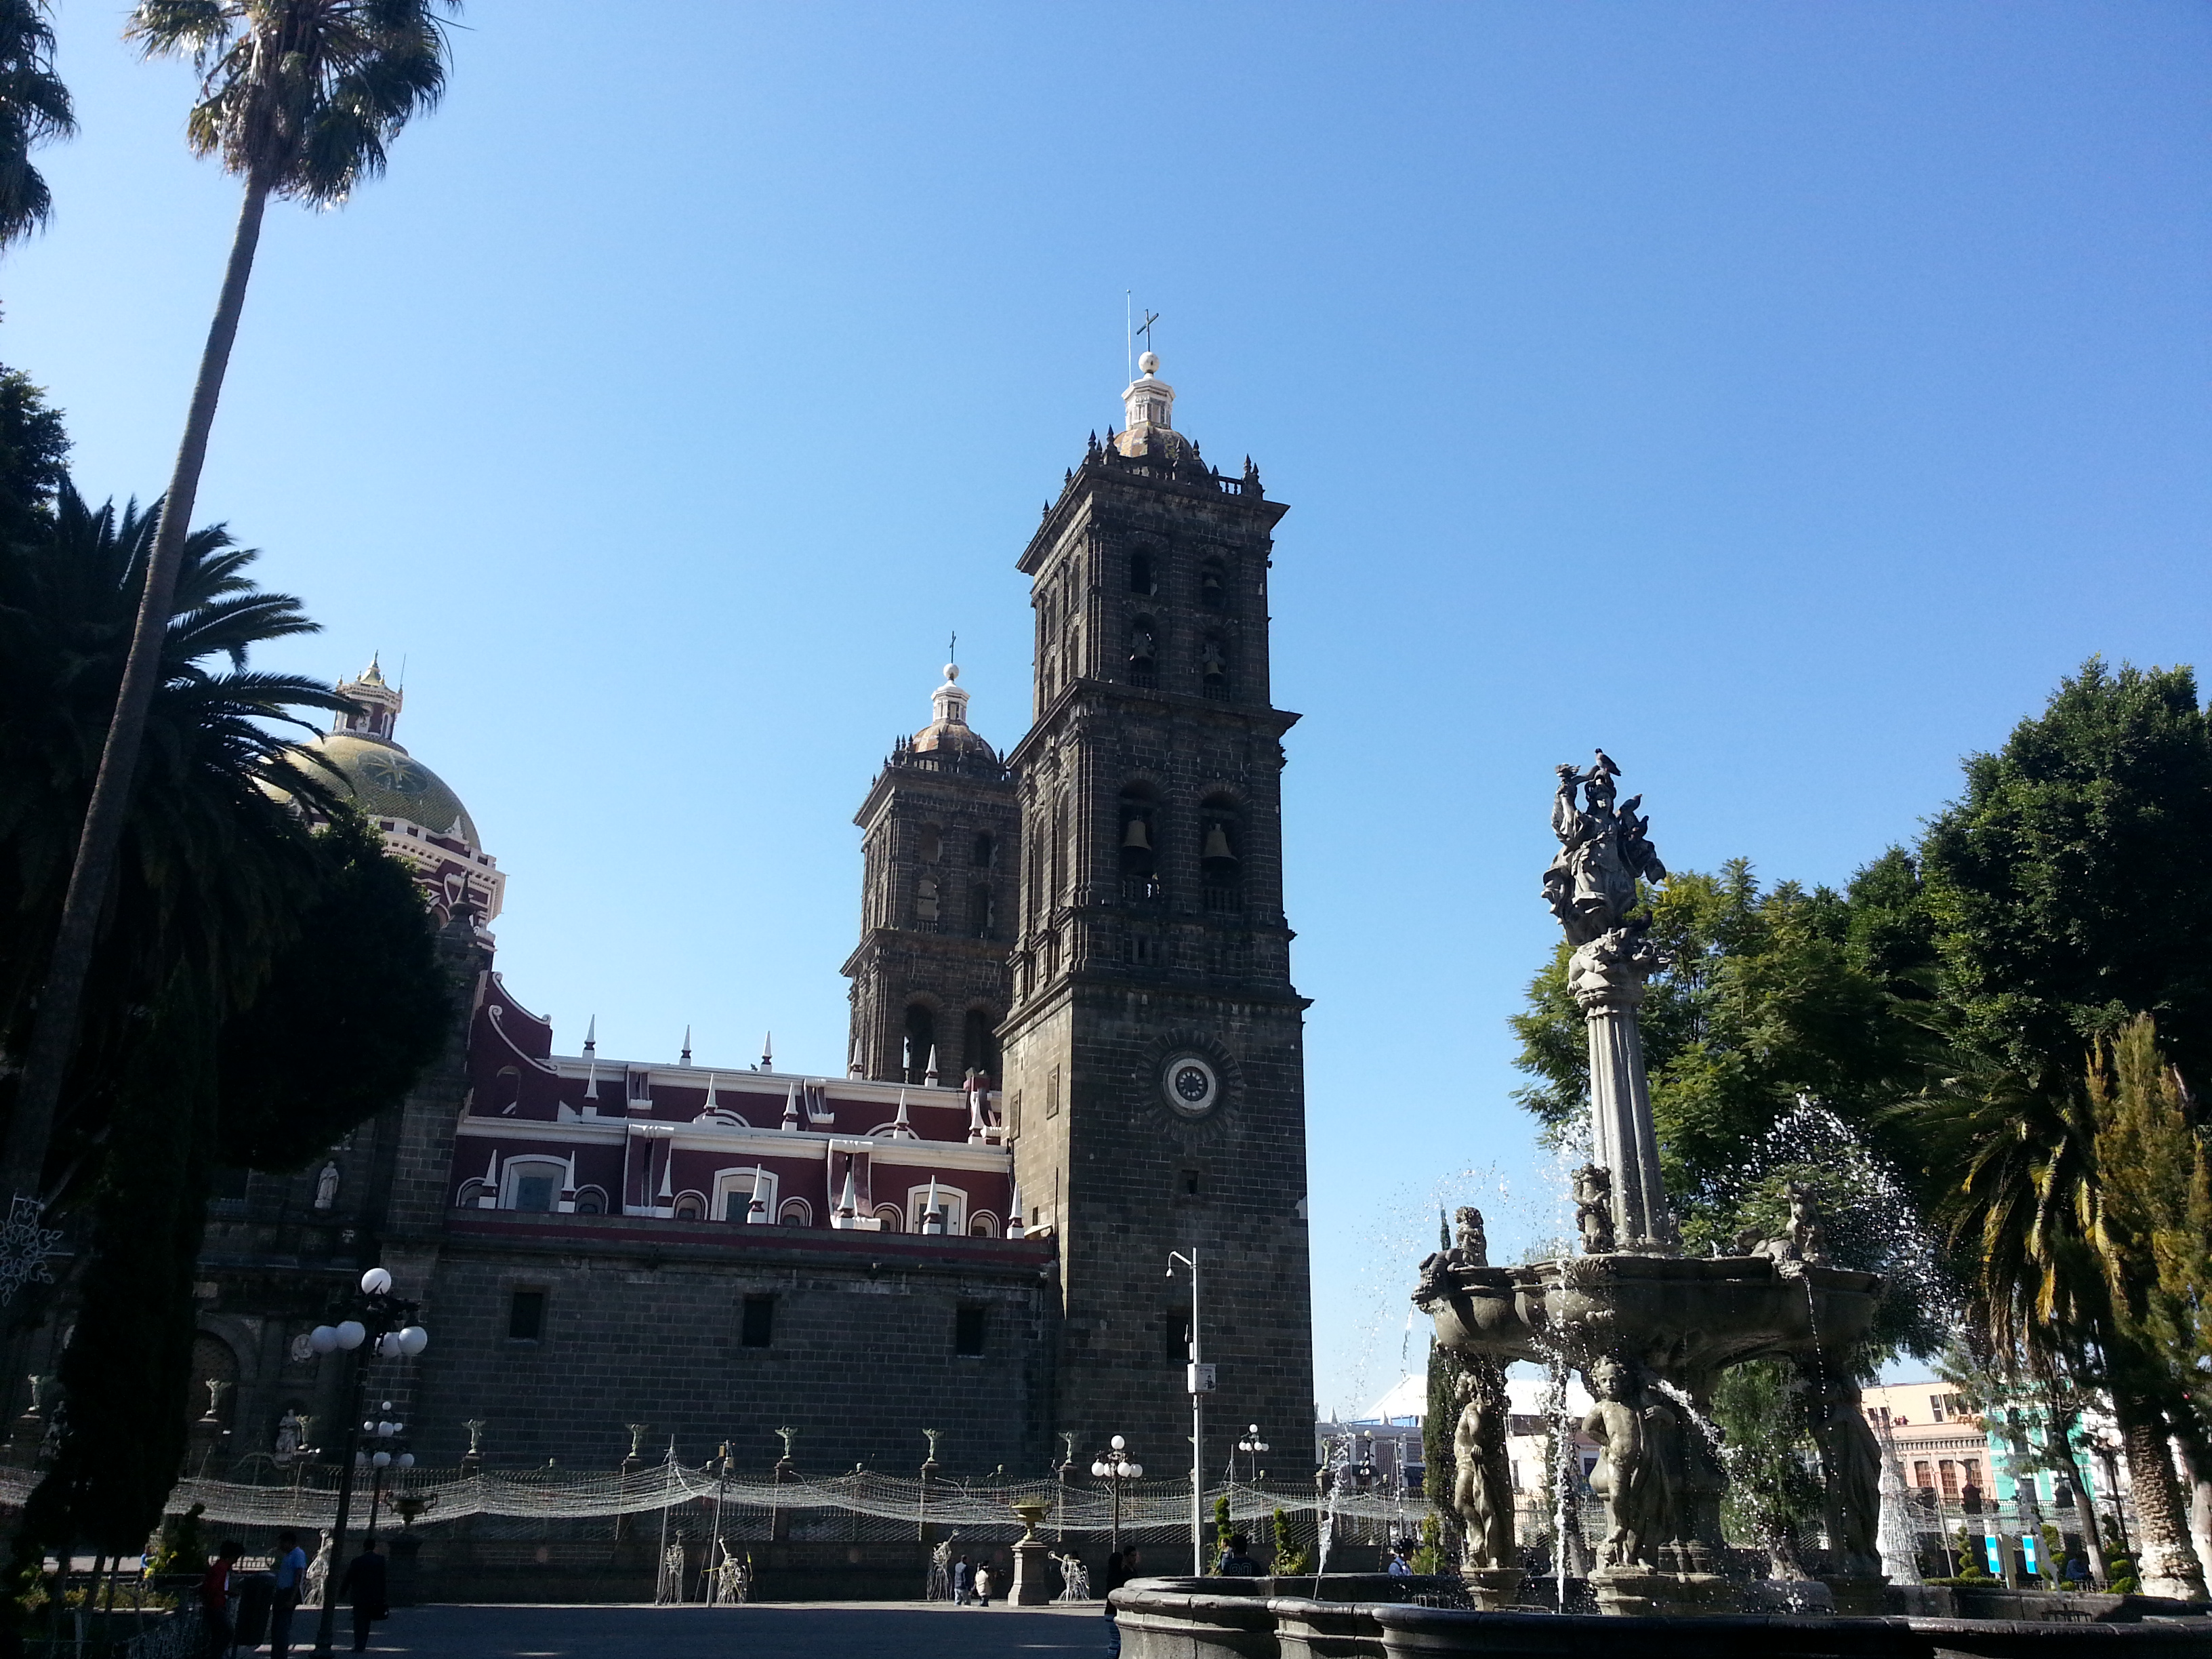 Vista de la fuente de San Miguel Arcángel en Puebla